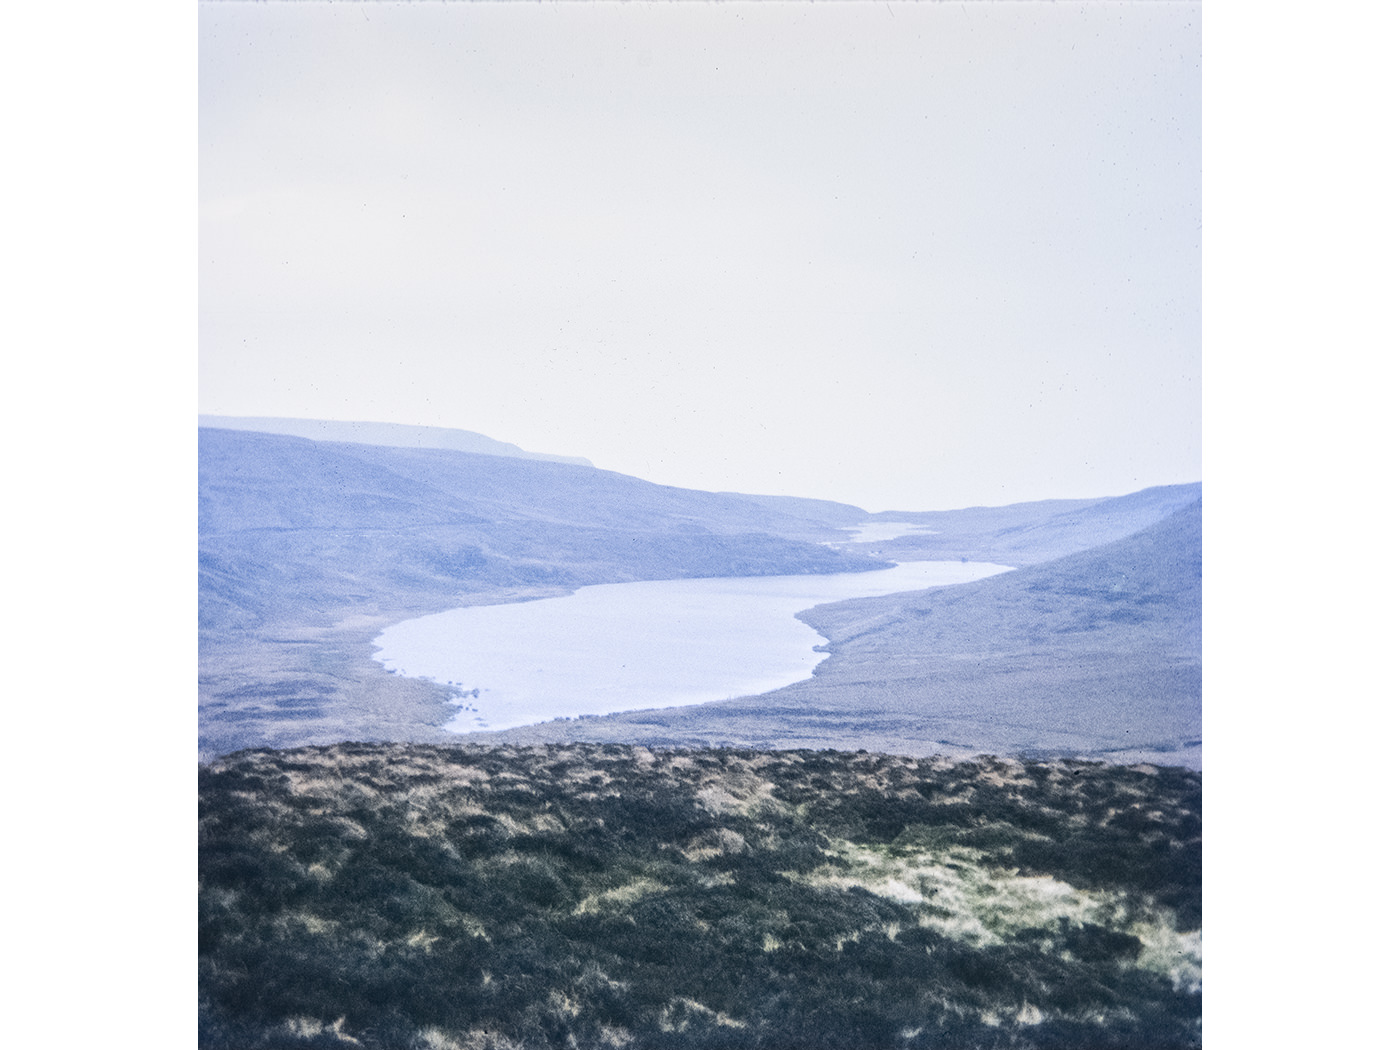 british-boy-scouts-wales-lake.jpg